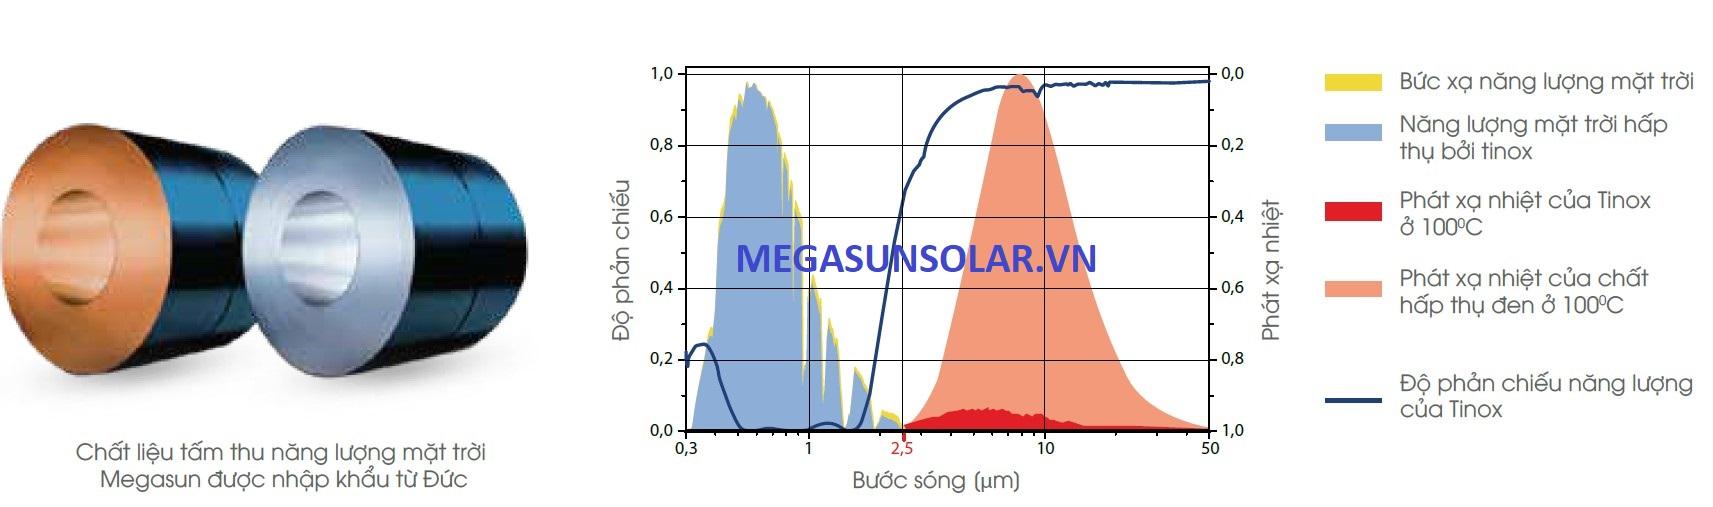 Chất liệu làm tấm phẳng năng lượng mặt trời Megasun